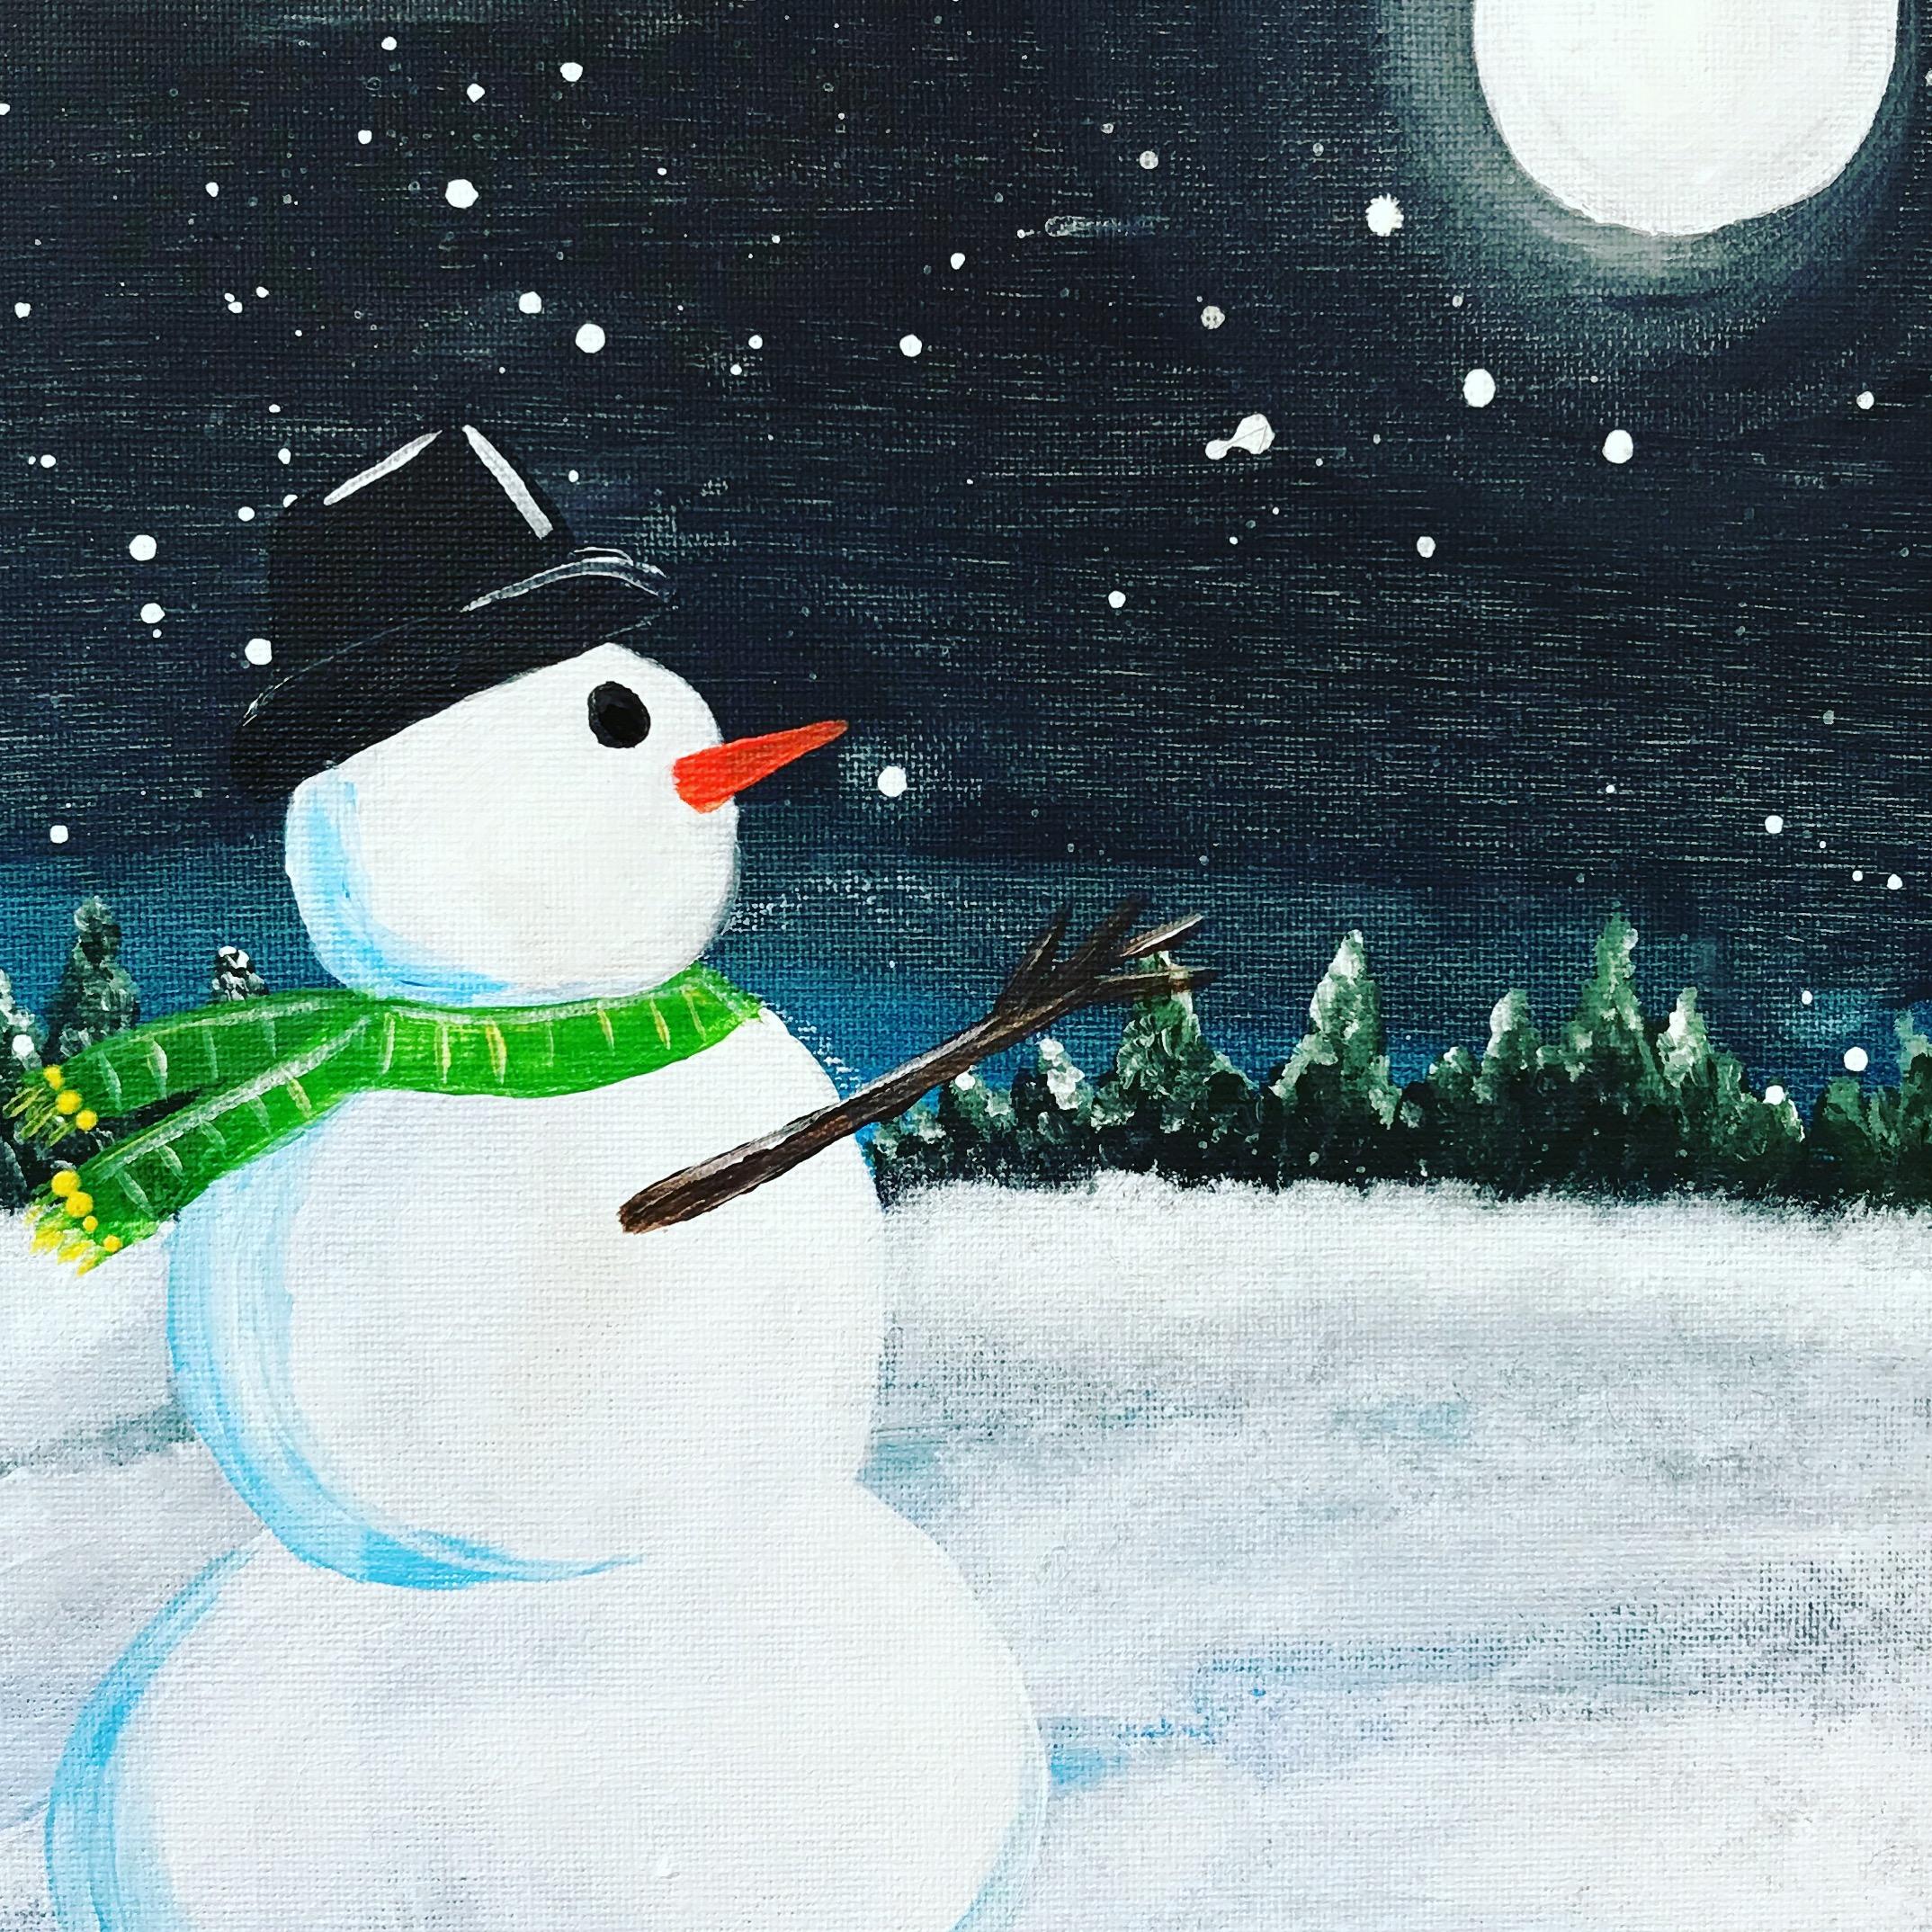 Evening Snowman